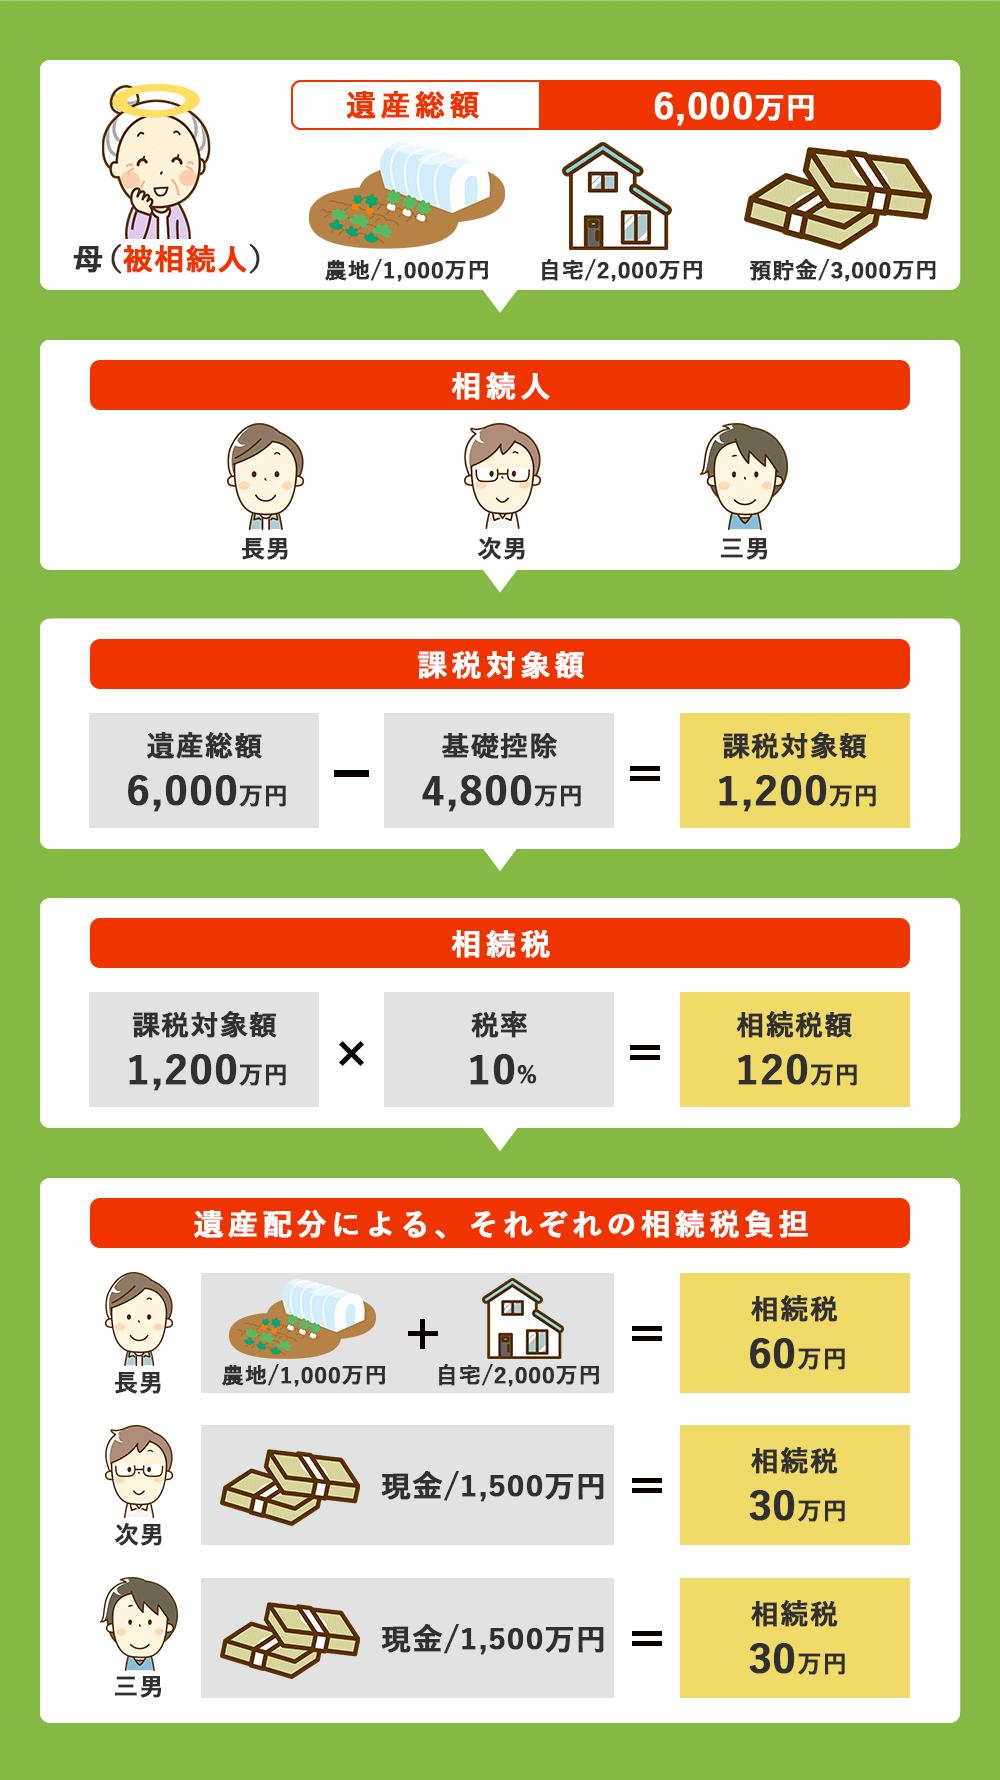 農地相続で遺産総額6,000万円で相続人が3人いるケースの、それぞれの相続税負担額の計算方法